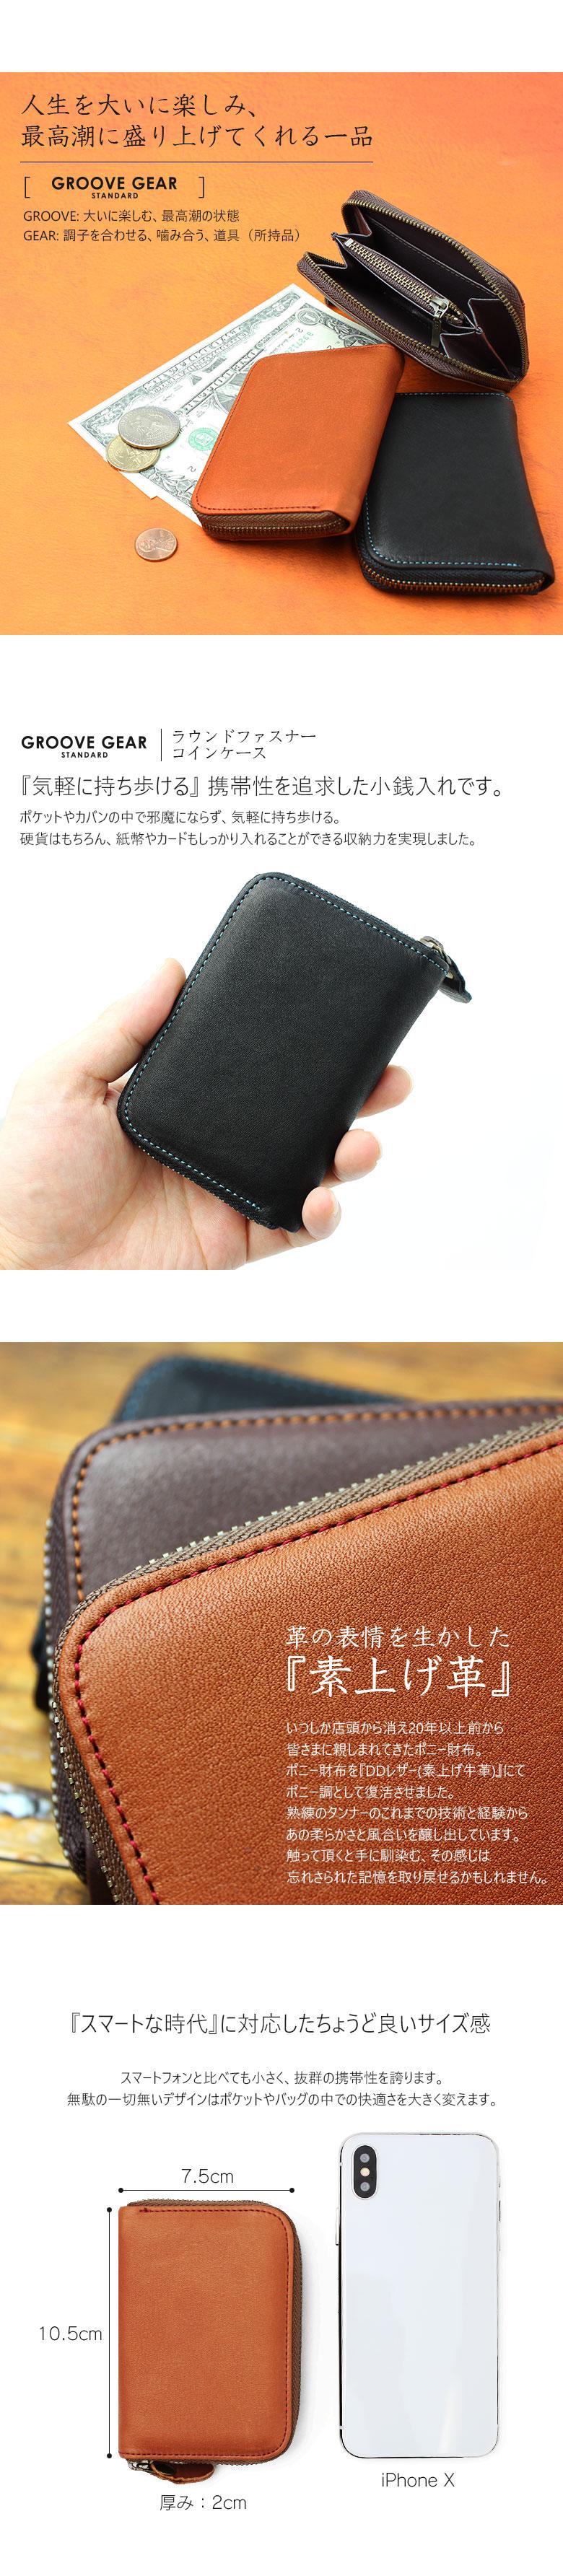 財布 通販 ラウンドファスナーコインケース メンズ